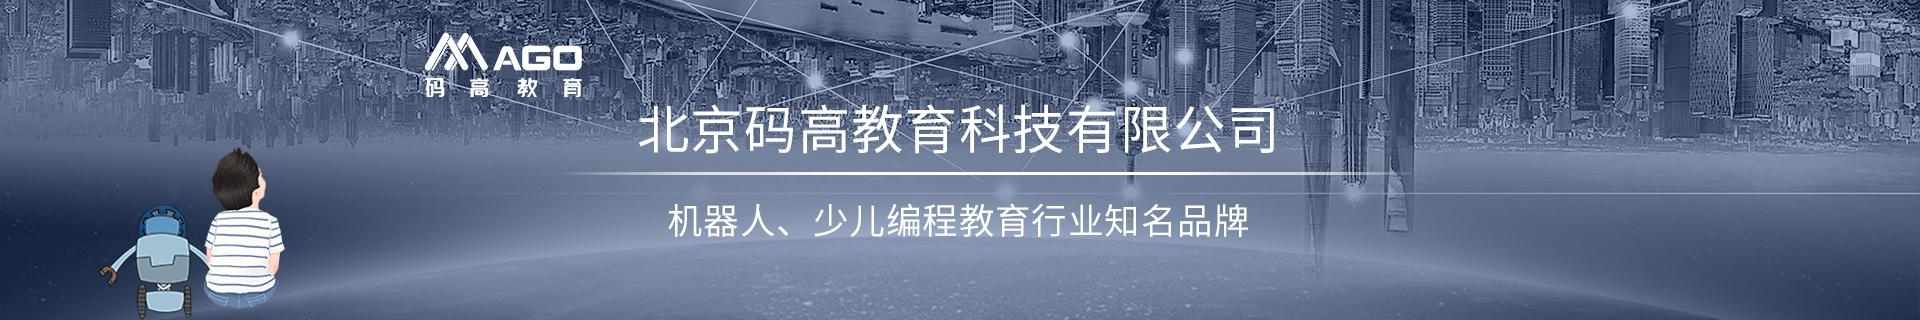 赤峰元宝山区码高教育培训